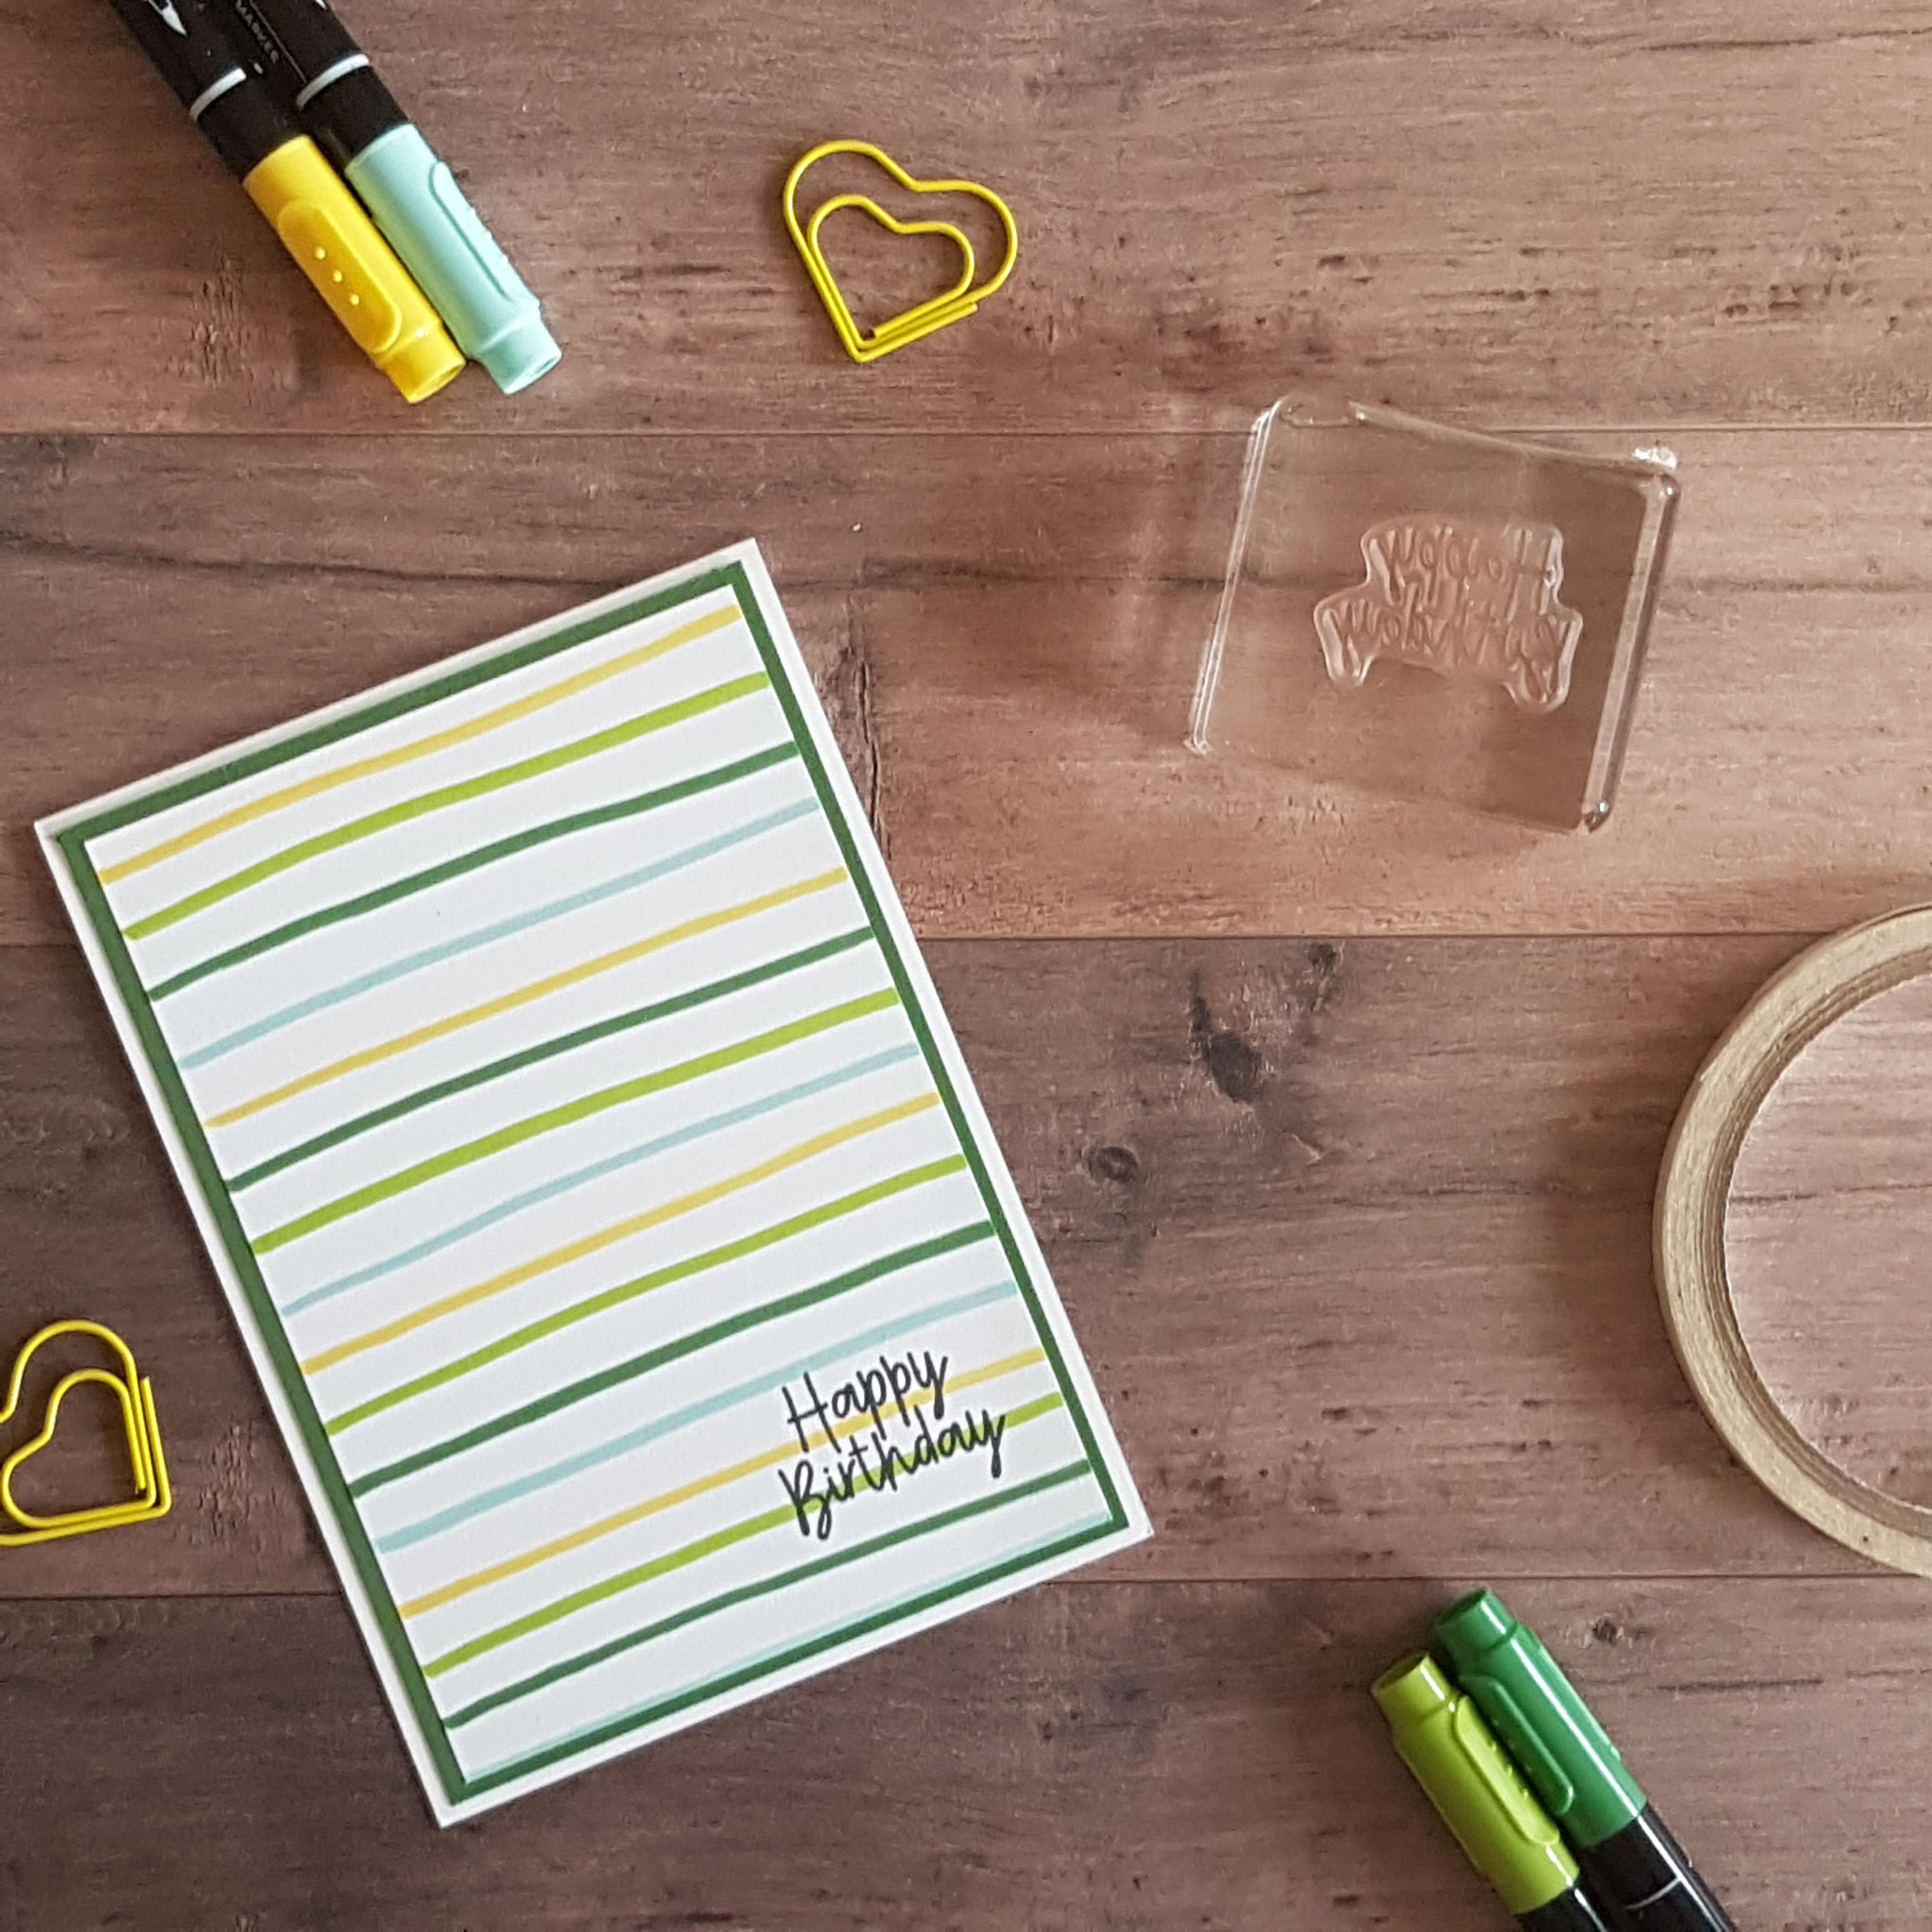 Ganz ganz einfach: mit der Pinselseite des Stiftes einfach Linien abwechselnd auf dem Papier ziehen, ein kleiner Gruß drauf - und das war's!